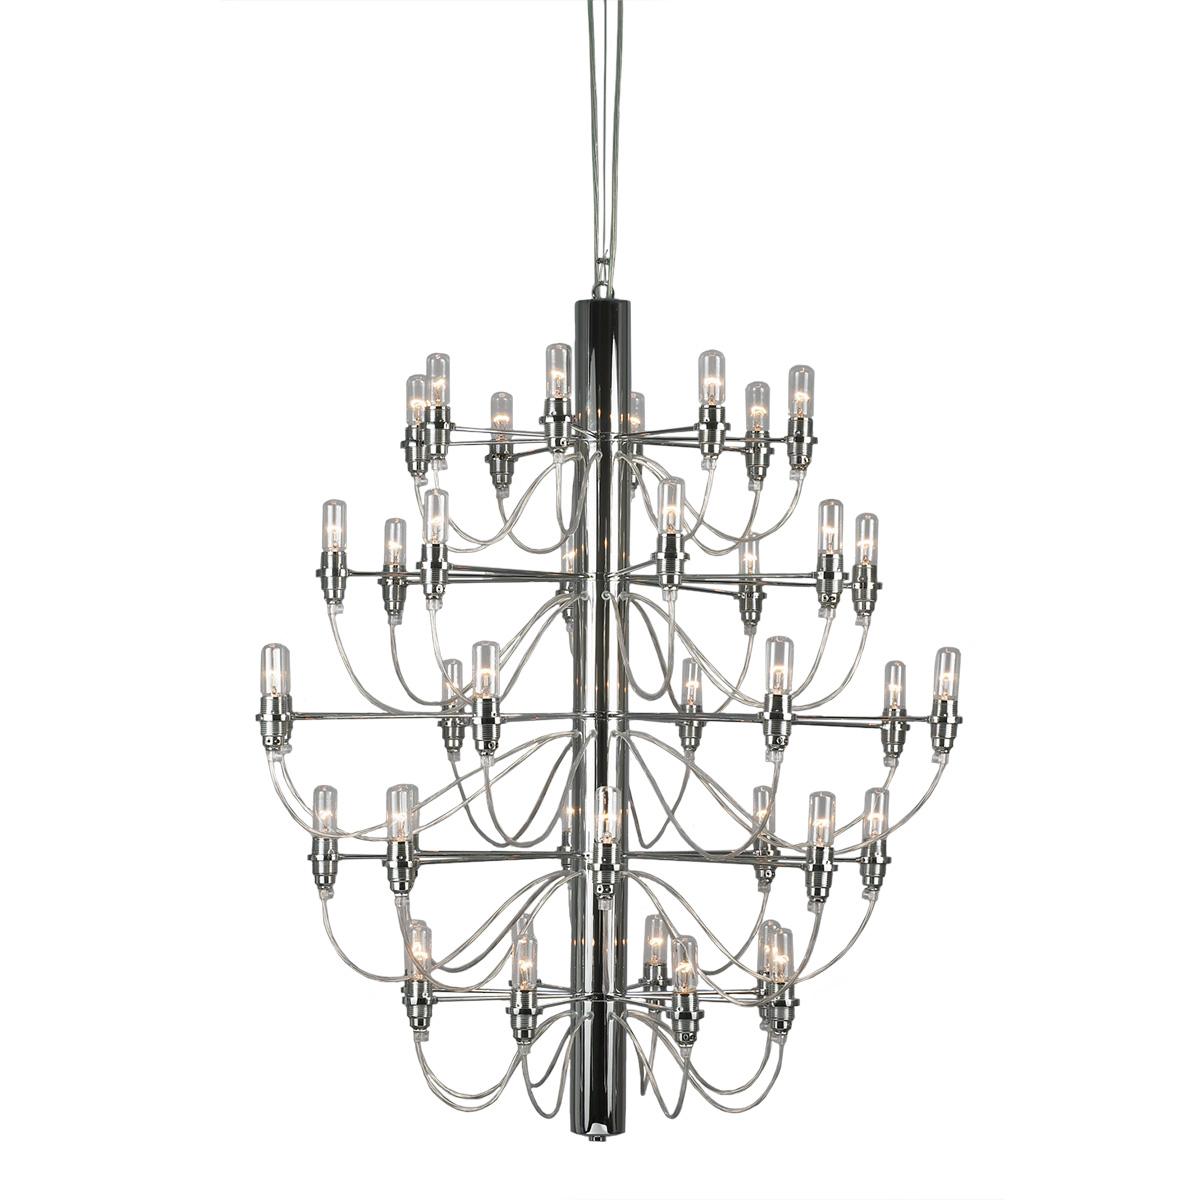 Μοντέρνο 40φωτο φωτιστικό ΑΚΤΙΝΕΣ modern 40-bulb chandelier